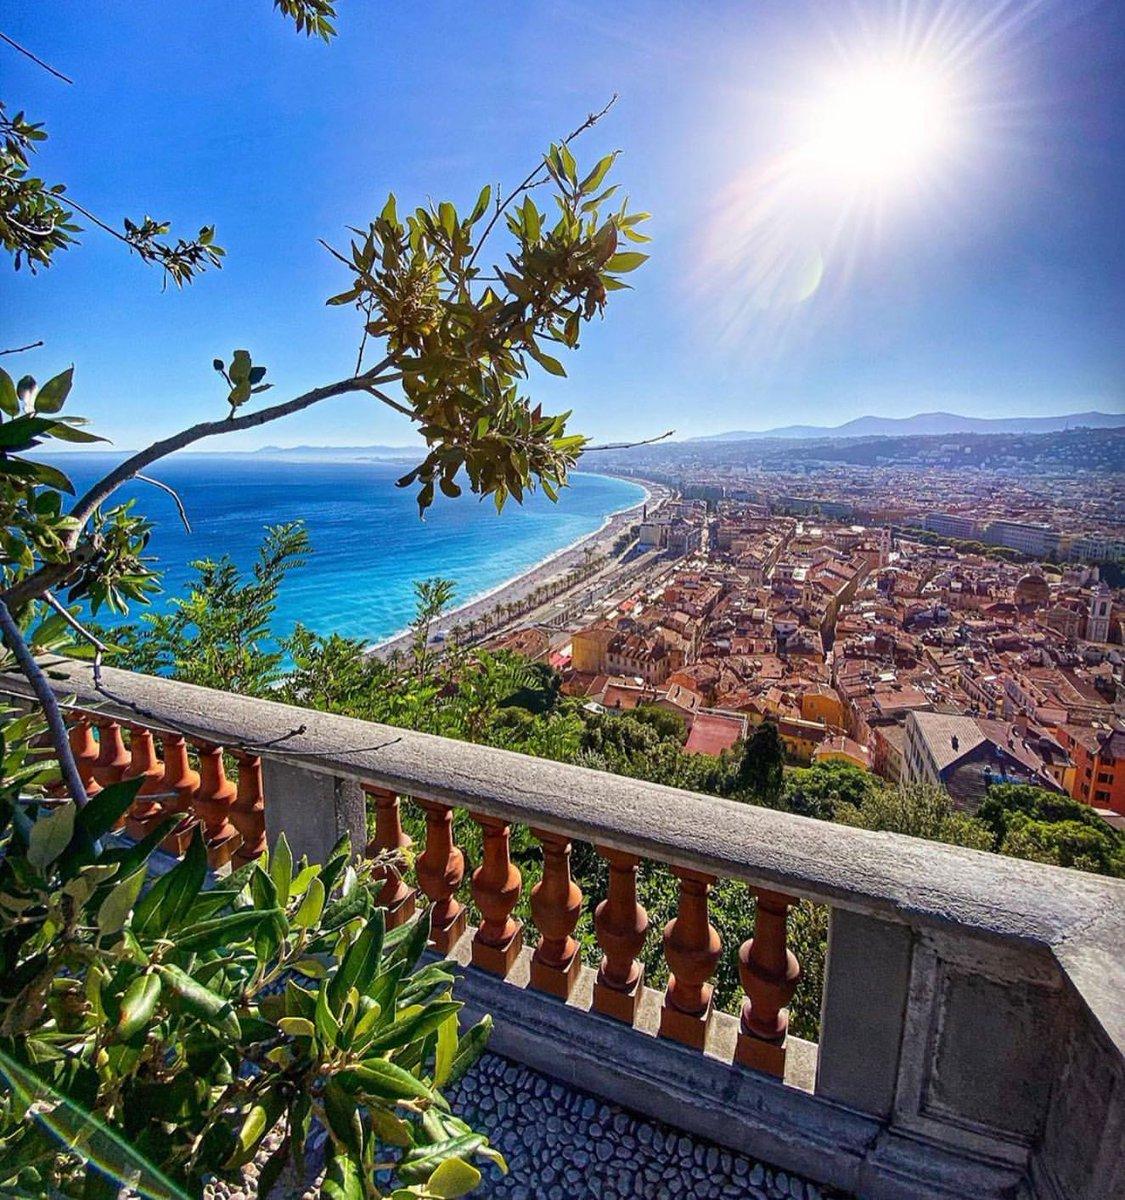 Bonjour ! Bonne journée à tous et merci à chrispix pour sa belle photo ! #Nice06 #NissaLaBella #ILoveNice https://t.co/wXWXjqd3f1